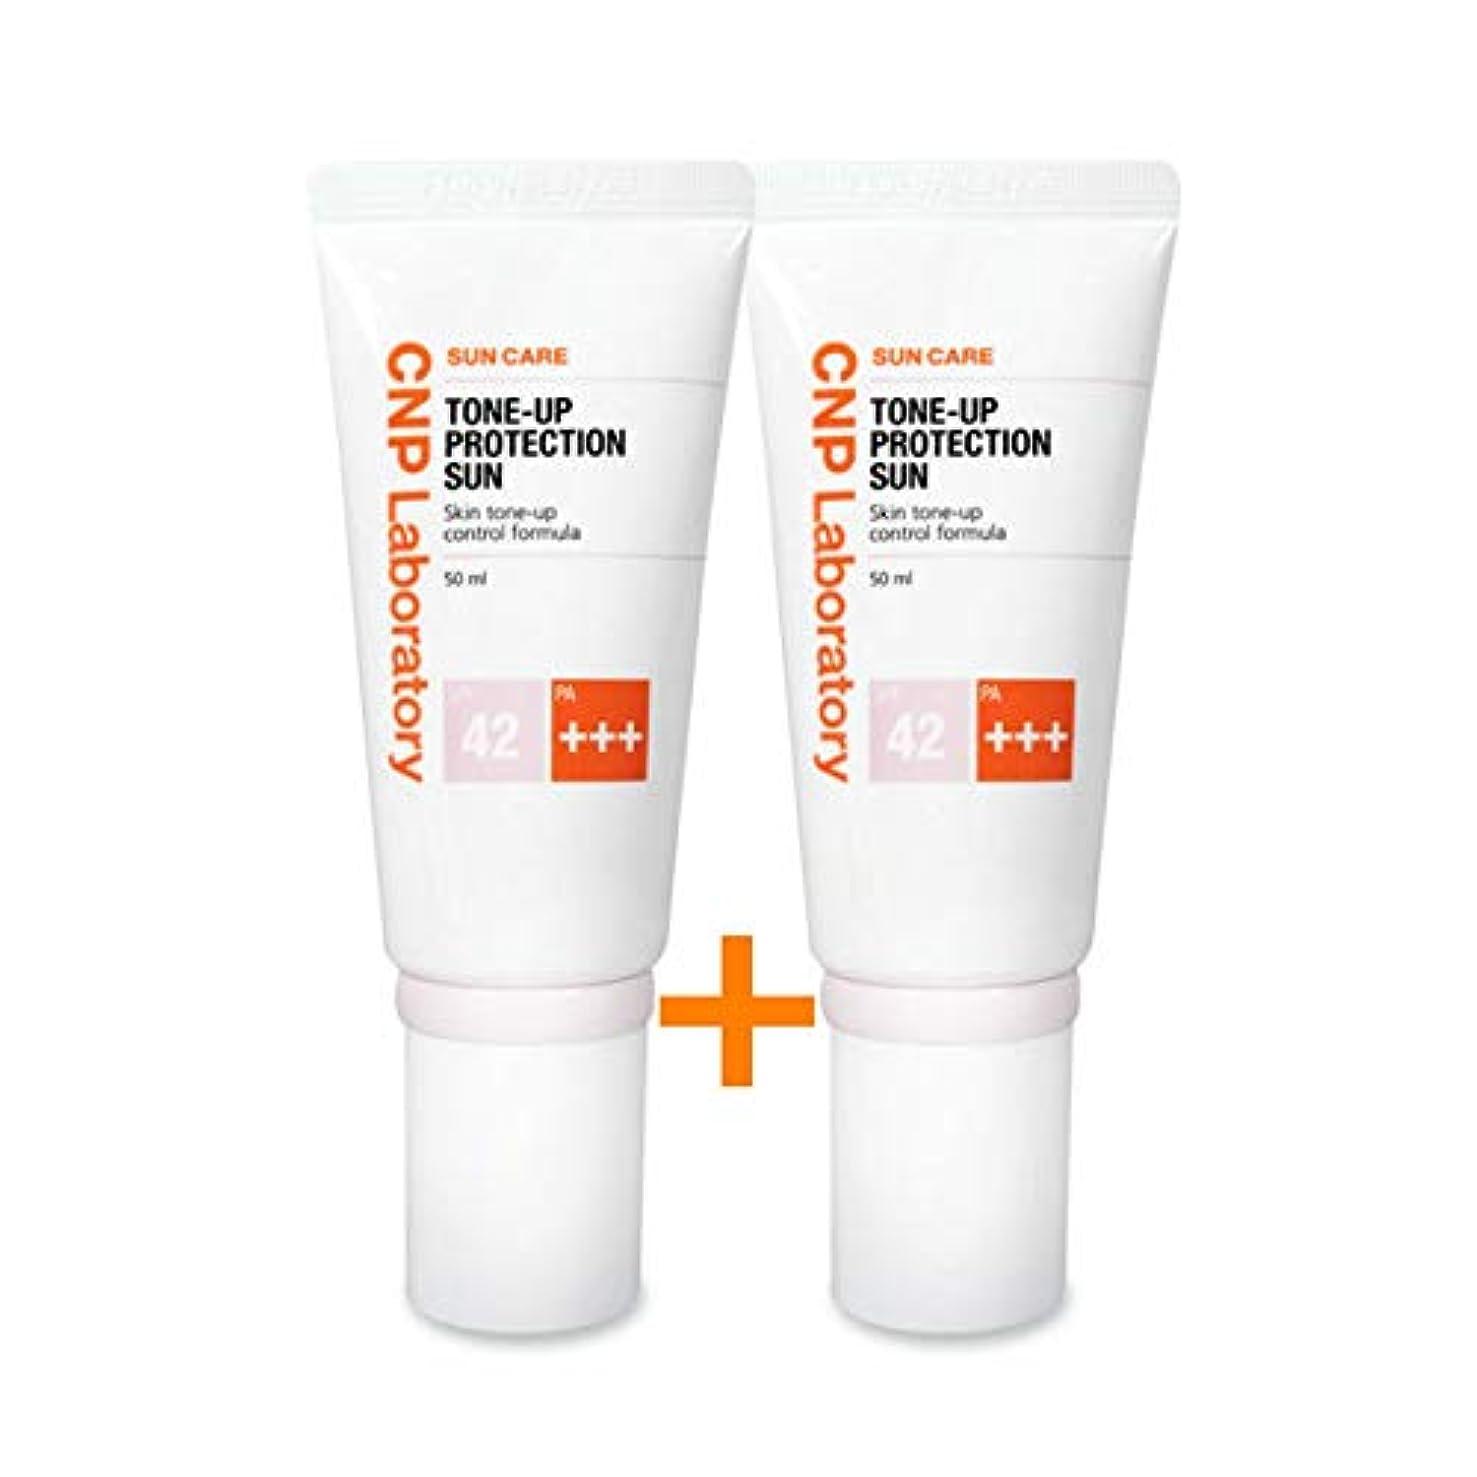 投げる担保王女[ 1 + 1 ] CNPトンオププロテクションサン?クリーム紫外線遮断剤 (SPF42 / PA+++) 50ml、CNP Tone-up Protection Sun Cream (SPF42 / PA+++) 50ml 韓国日焼け止め